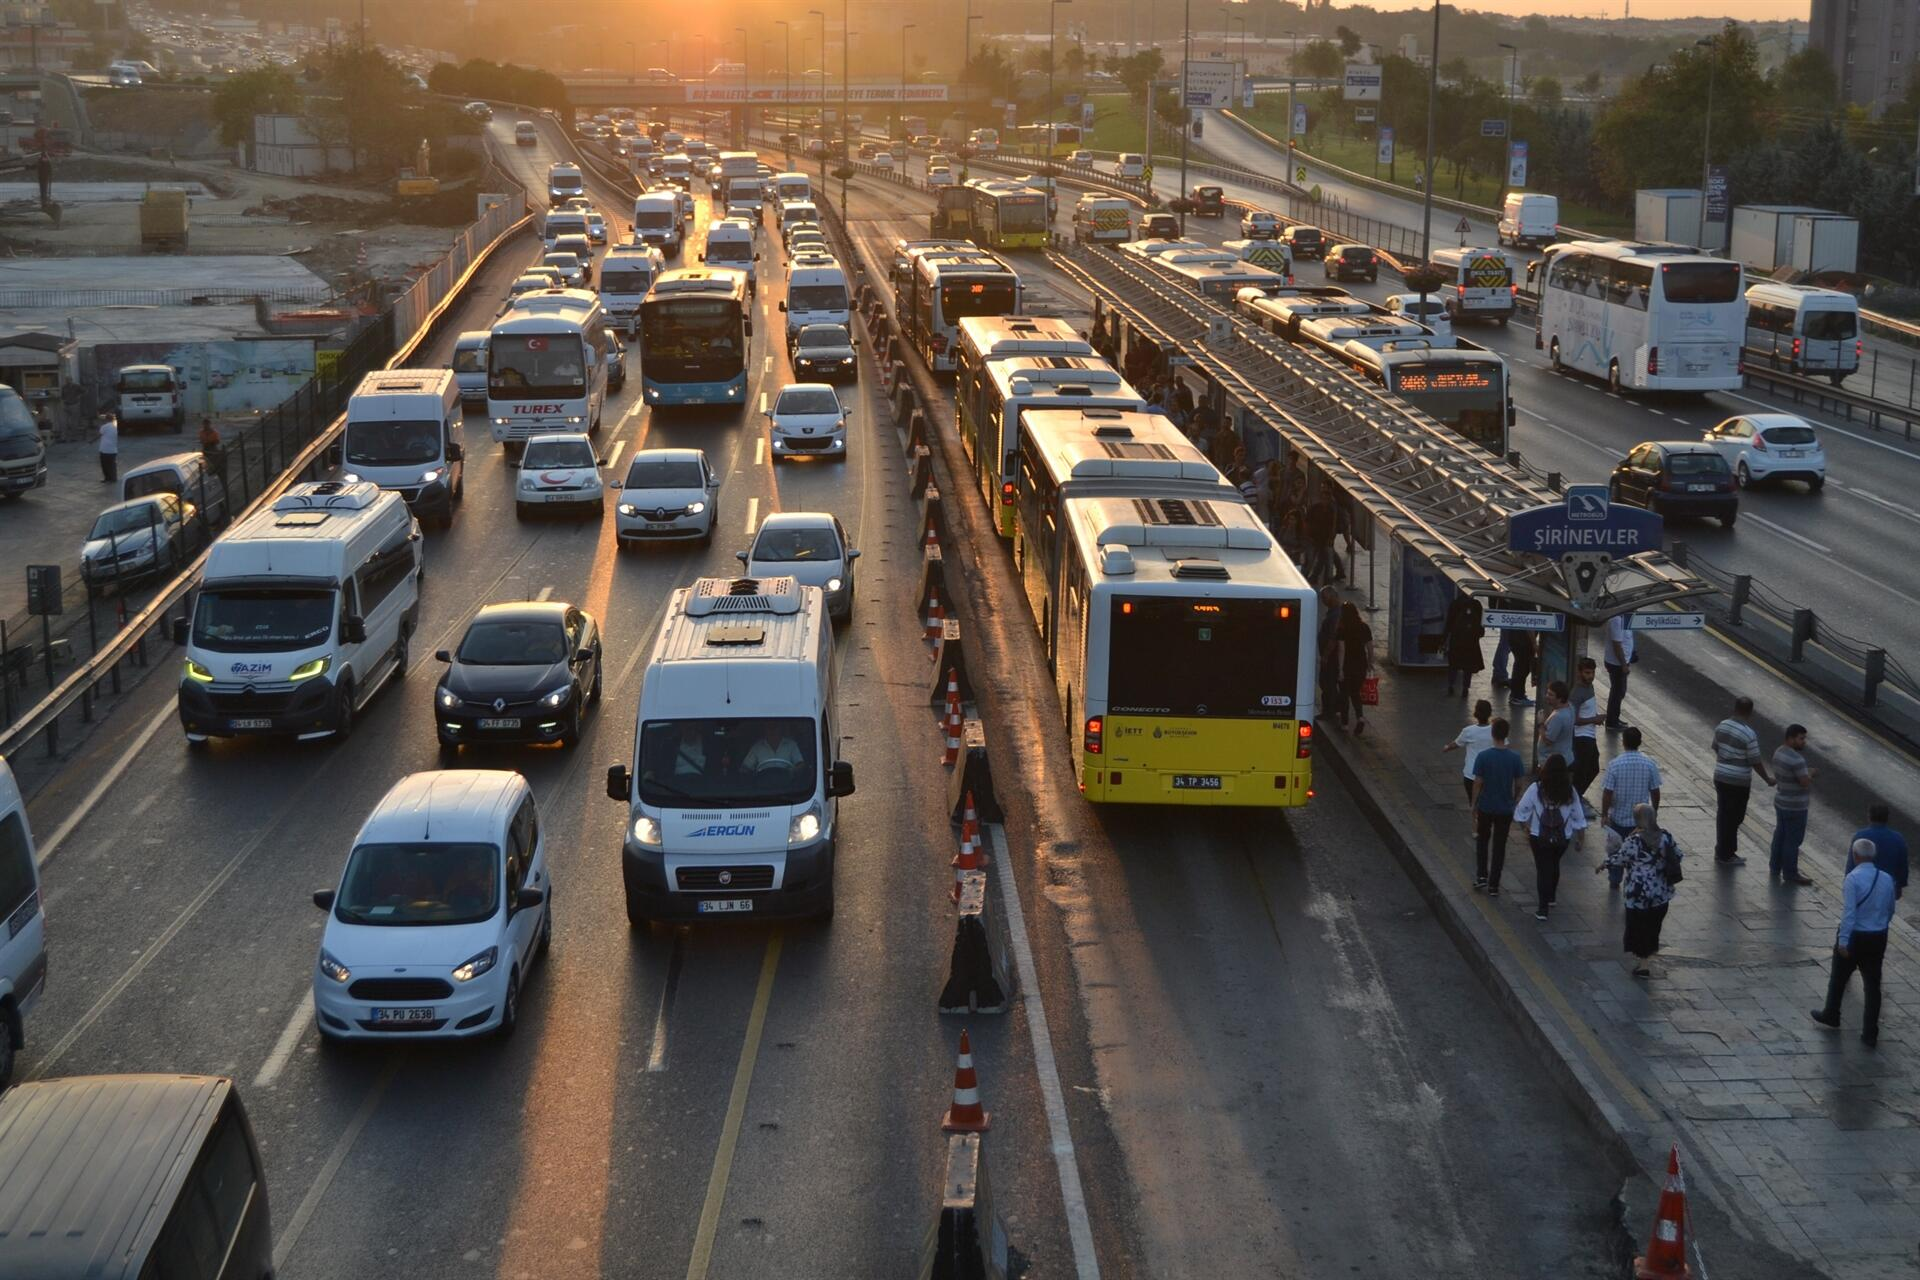 در قوانین راهنمایی و رانندگی در ترکیه مدارک ضروری که باید به همراه شما در ماشین باشد